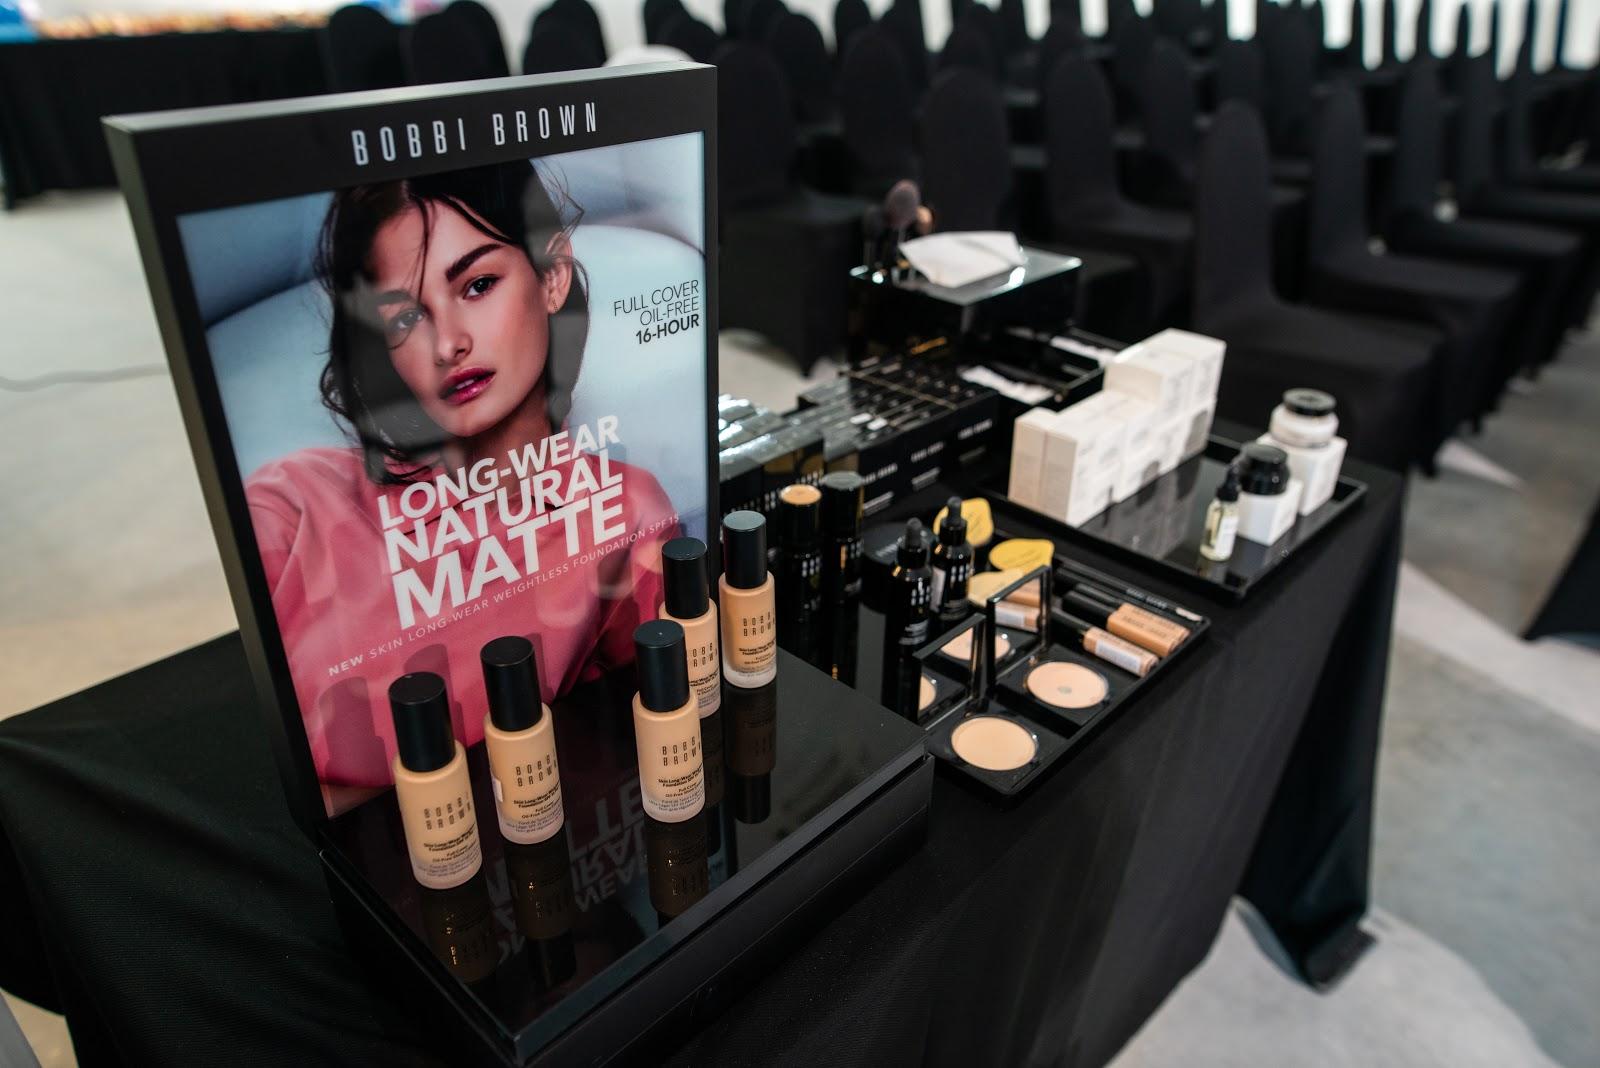 Điều gì xảy ra khi phù thủy make-up Việt kết hợp với thương hiệu mỹ phẩm lớn? - Ảnh 3.